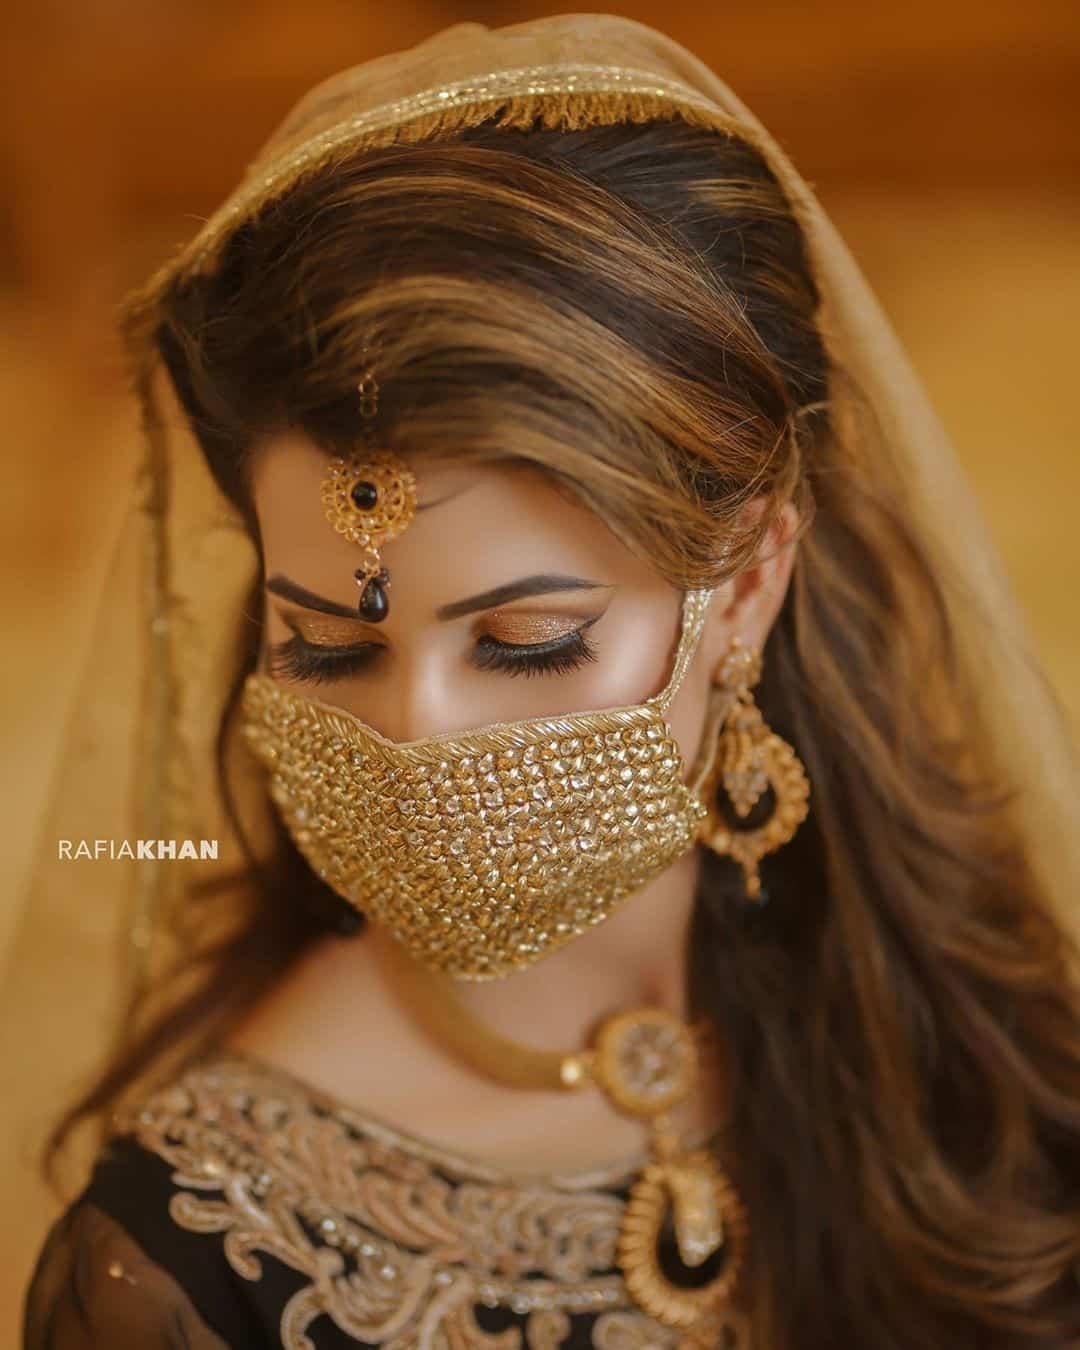 rafia khan 5